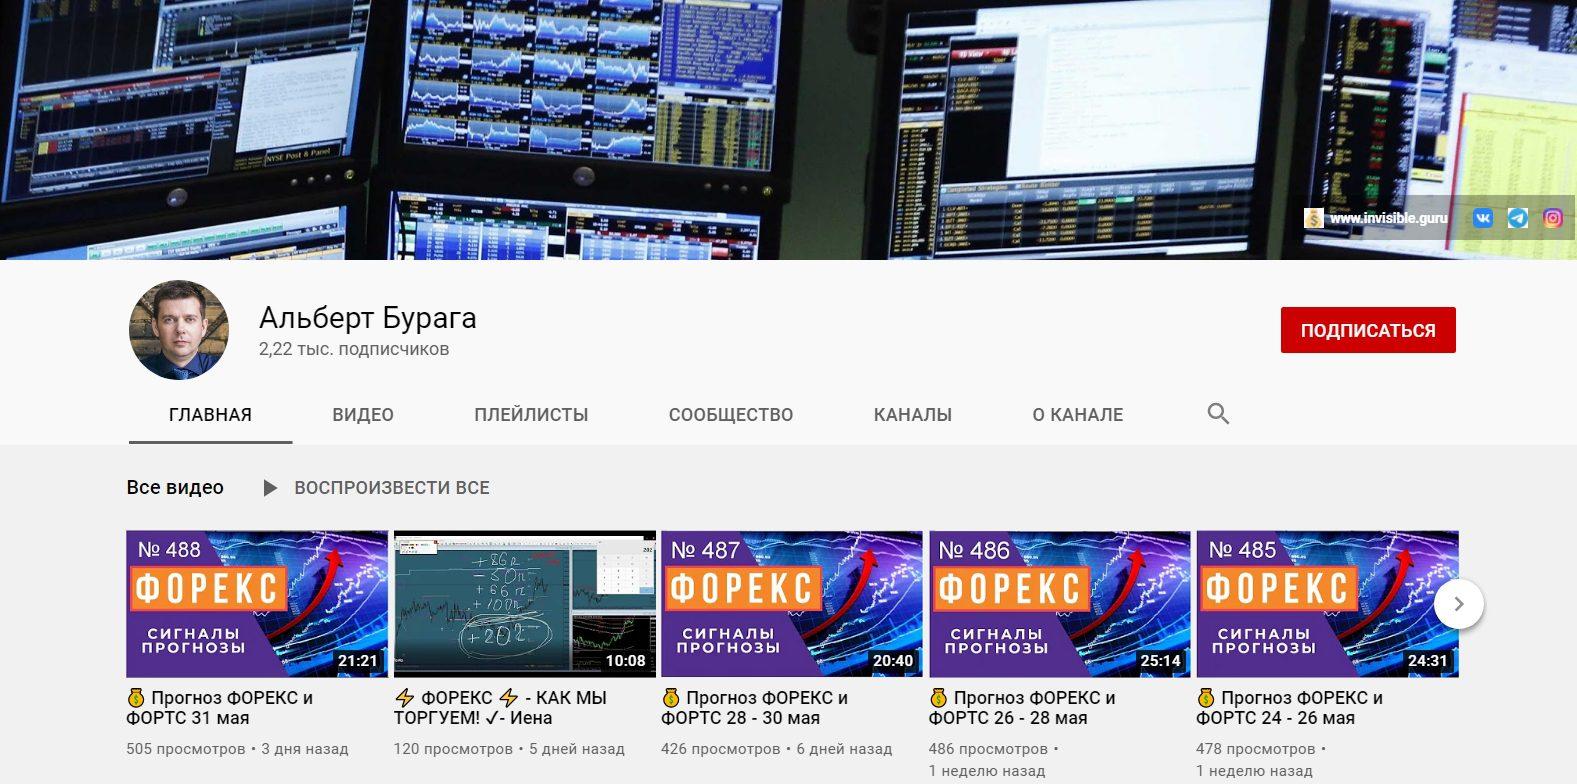 Ютуб канал Альберта Бураги